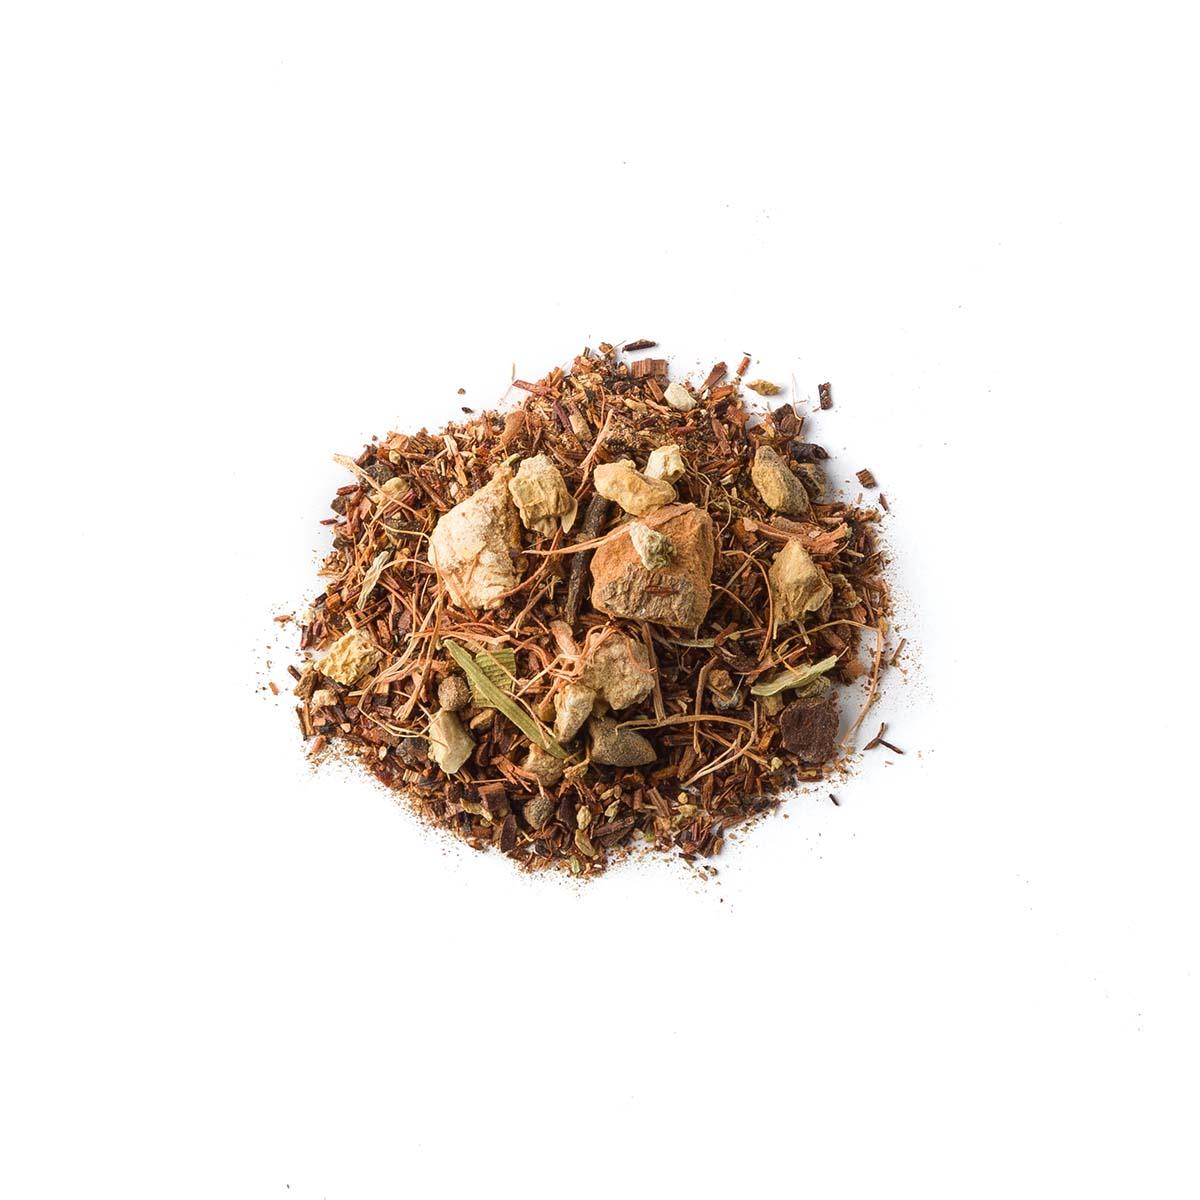 Cythna. Blend rooibosa z baobabem i przyprawami - Brown House & Tea | JestemSlow.pl